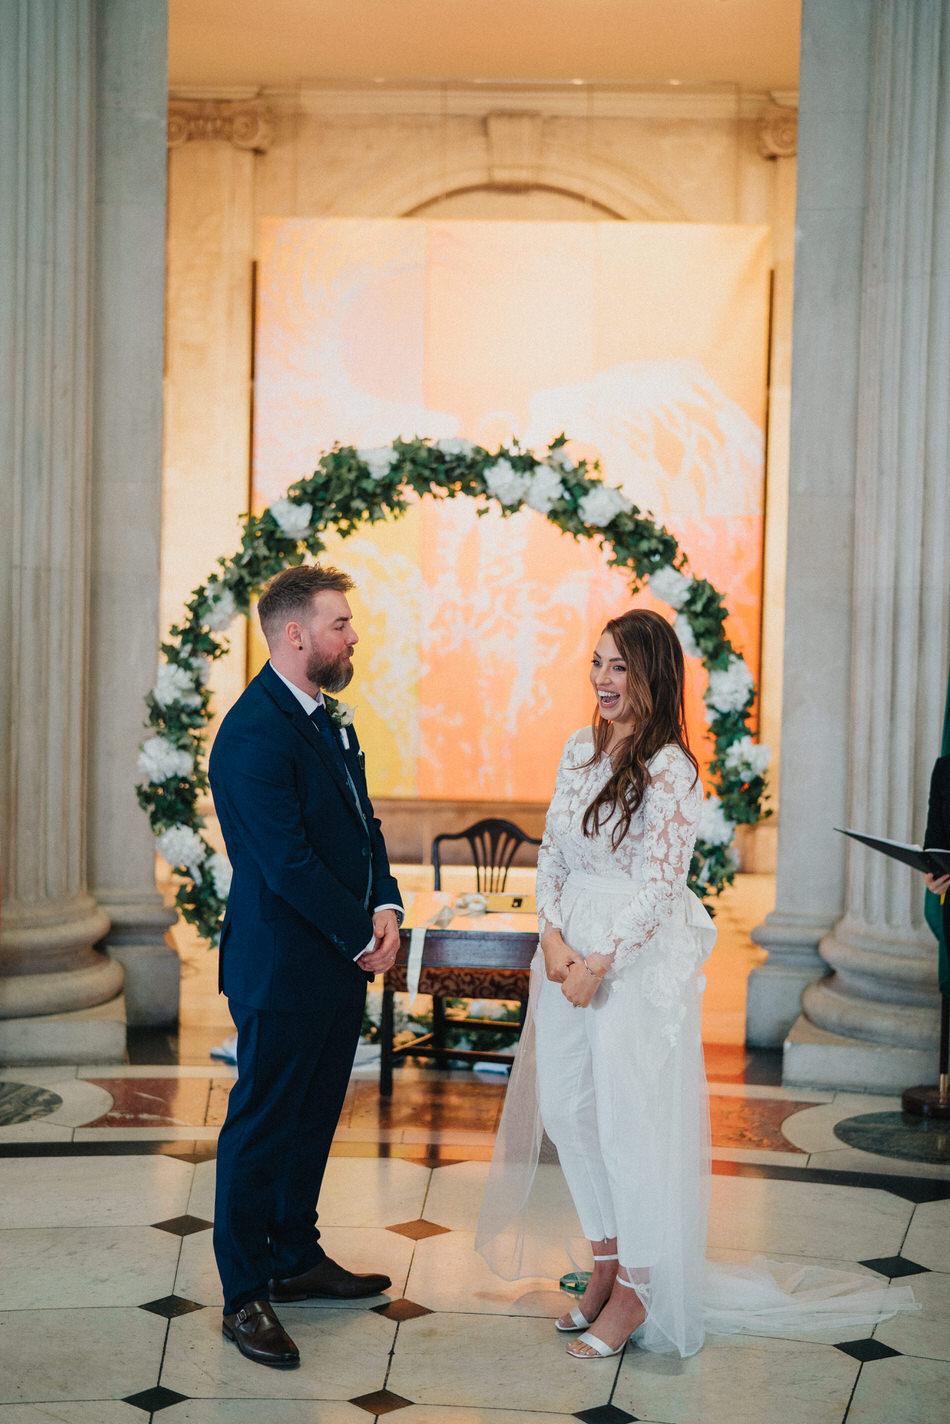 City-hall-dublin-wedding-photos-32 31